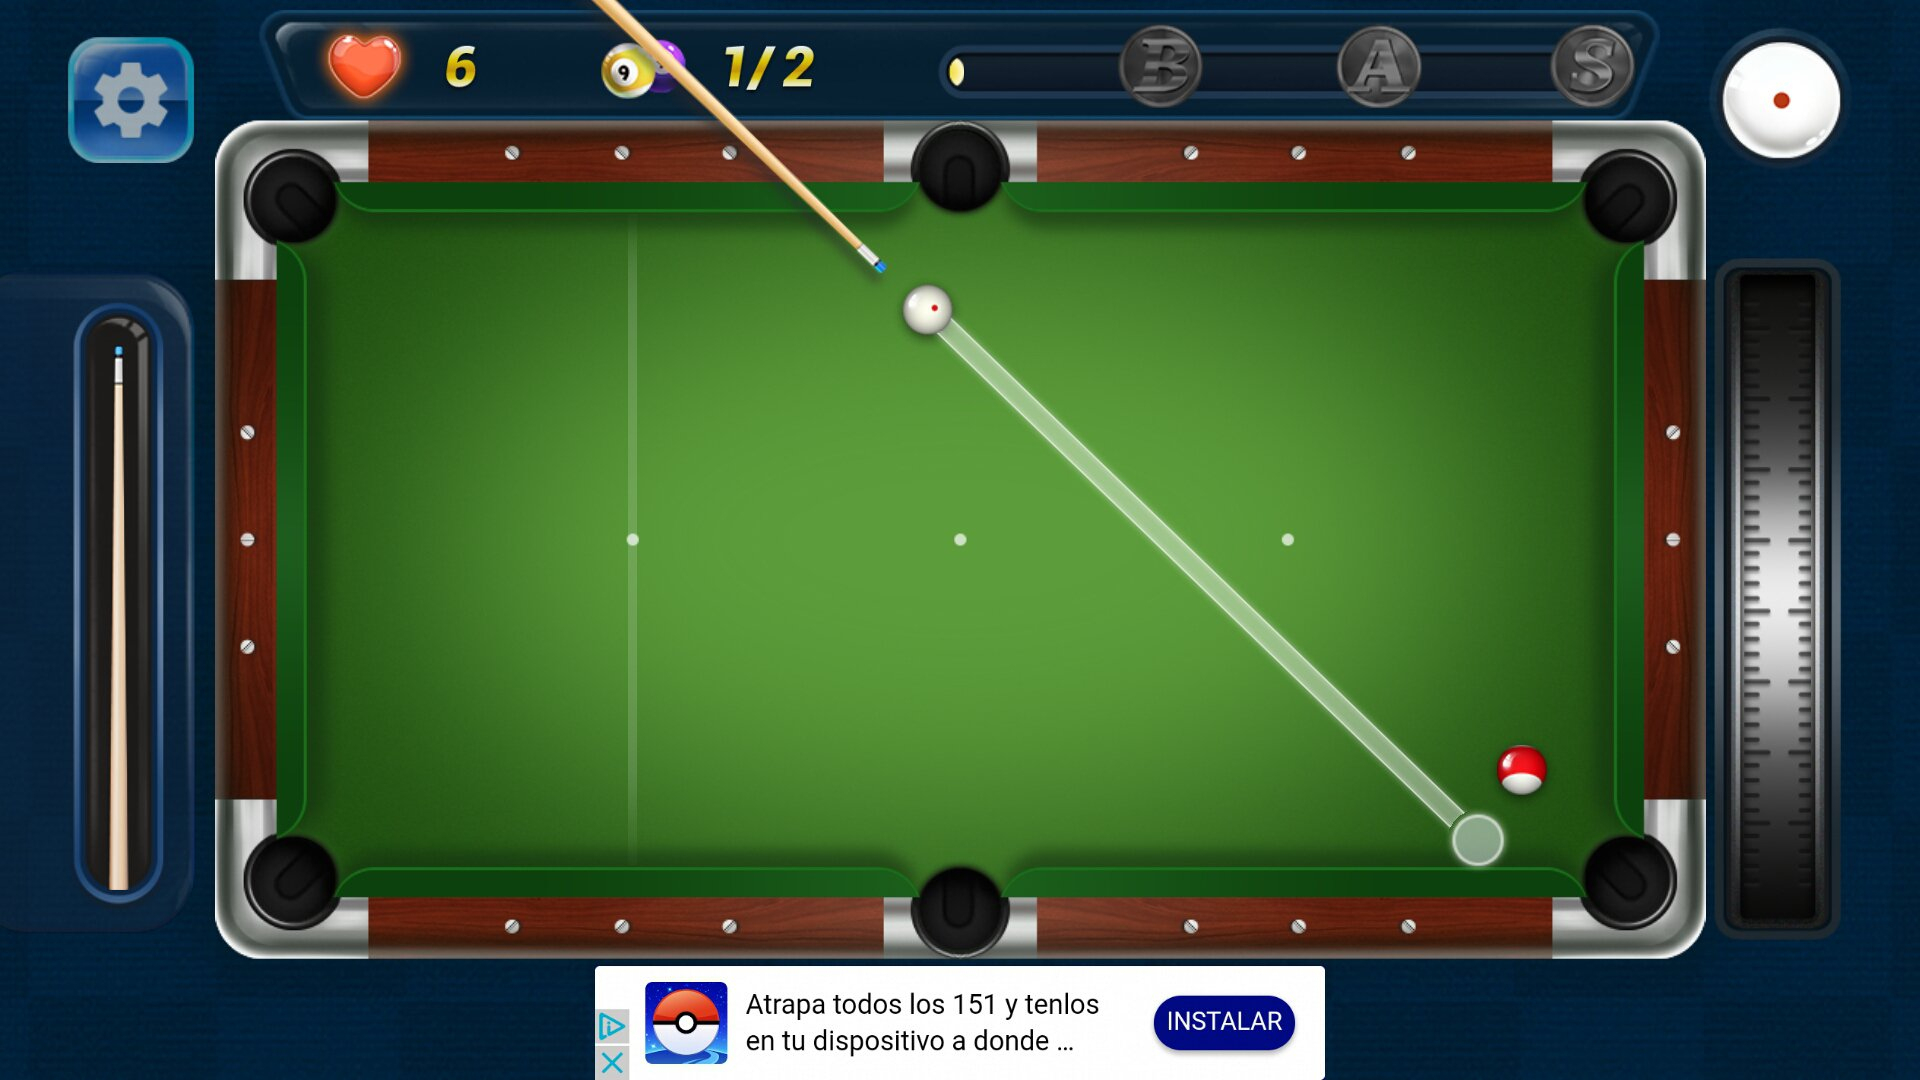 Billiards City 2.12 - Télécharger Pour Android Apk Gratuitement serapportantà Jeux Gratuit Billard